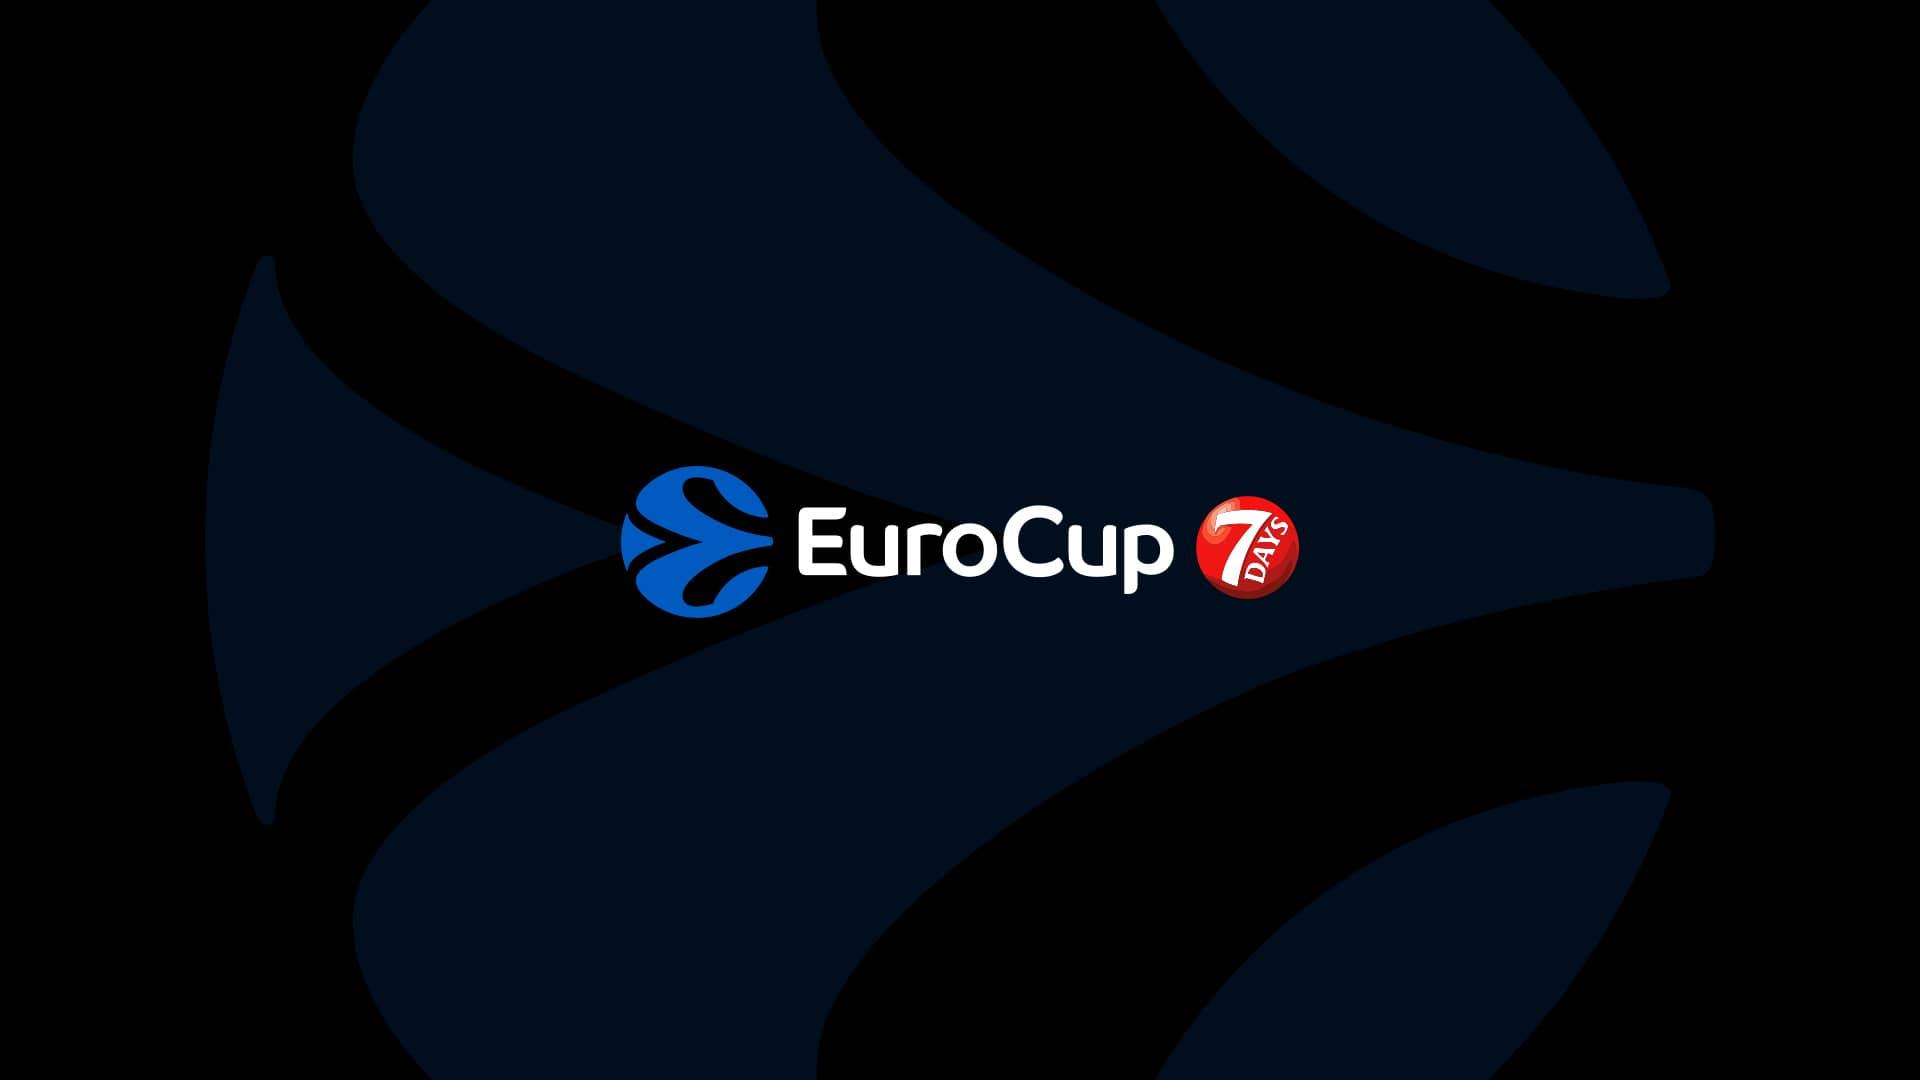 ¿Dónde y cómo se puede ver la Eurocup de baloncesto 2020-21?